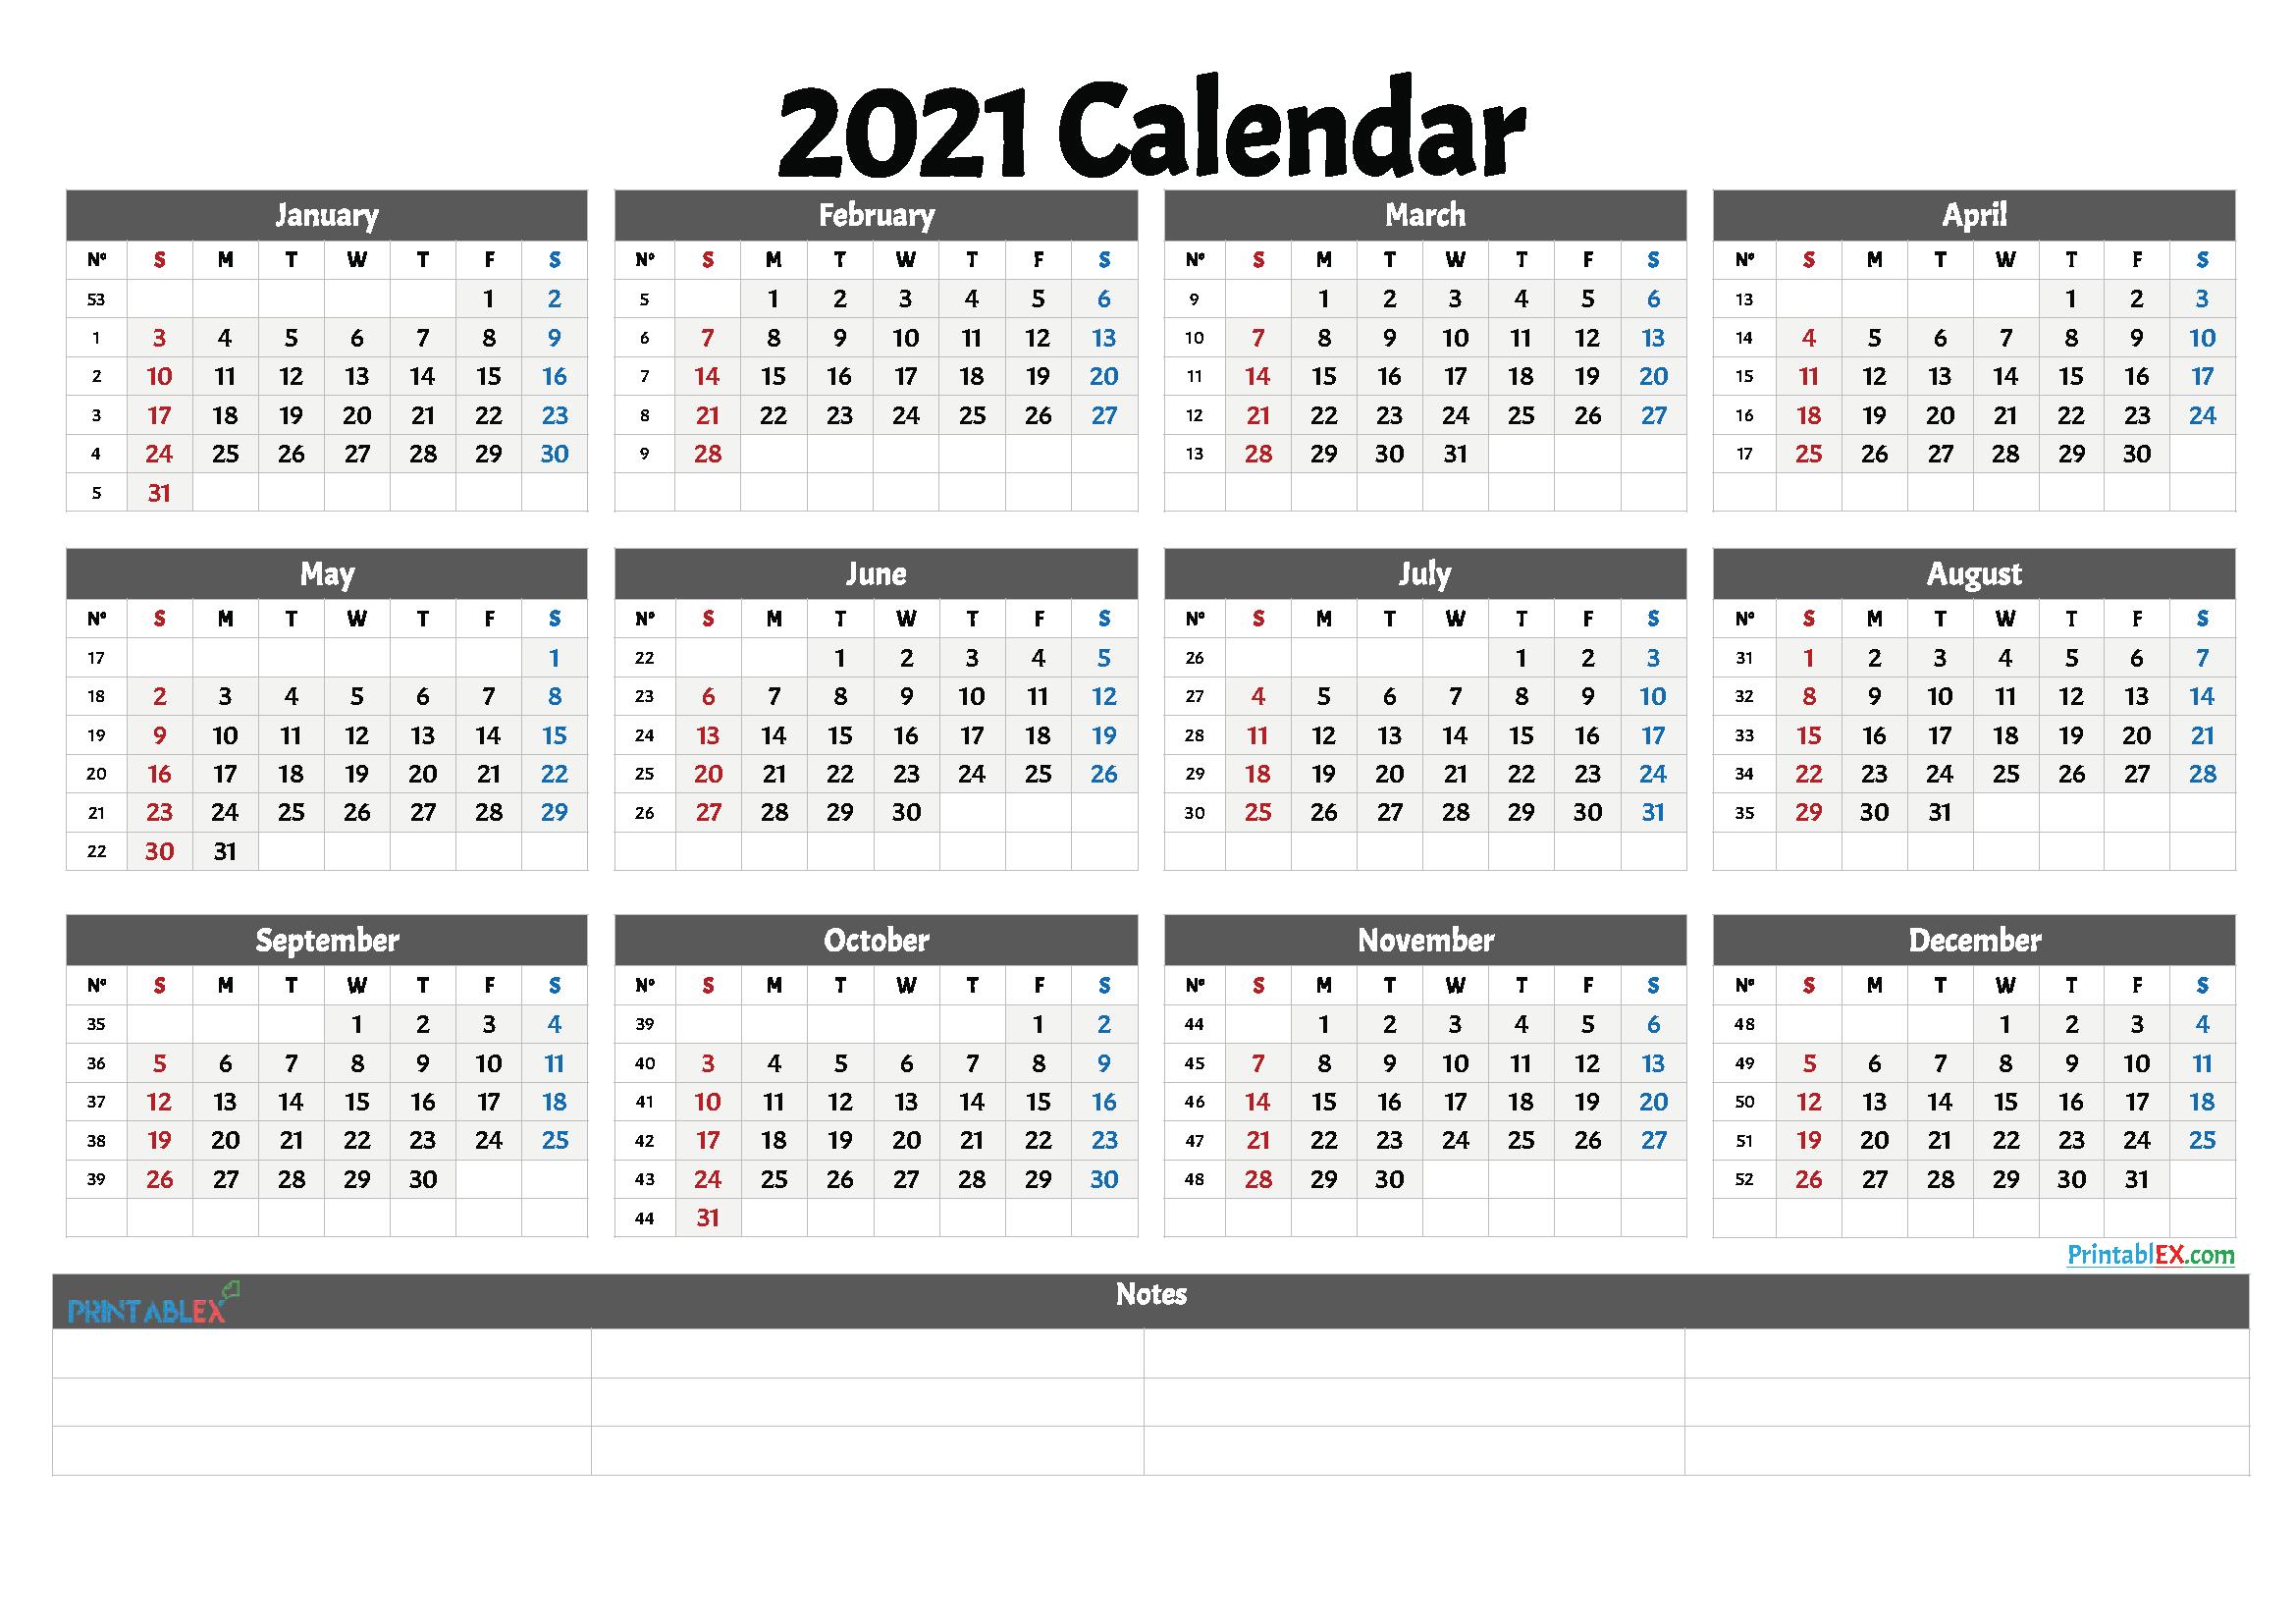 2021 Printable Calendar With Week Numbers Free Printable